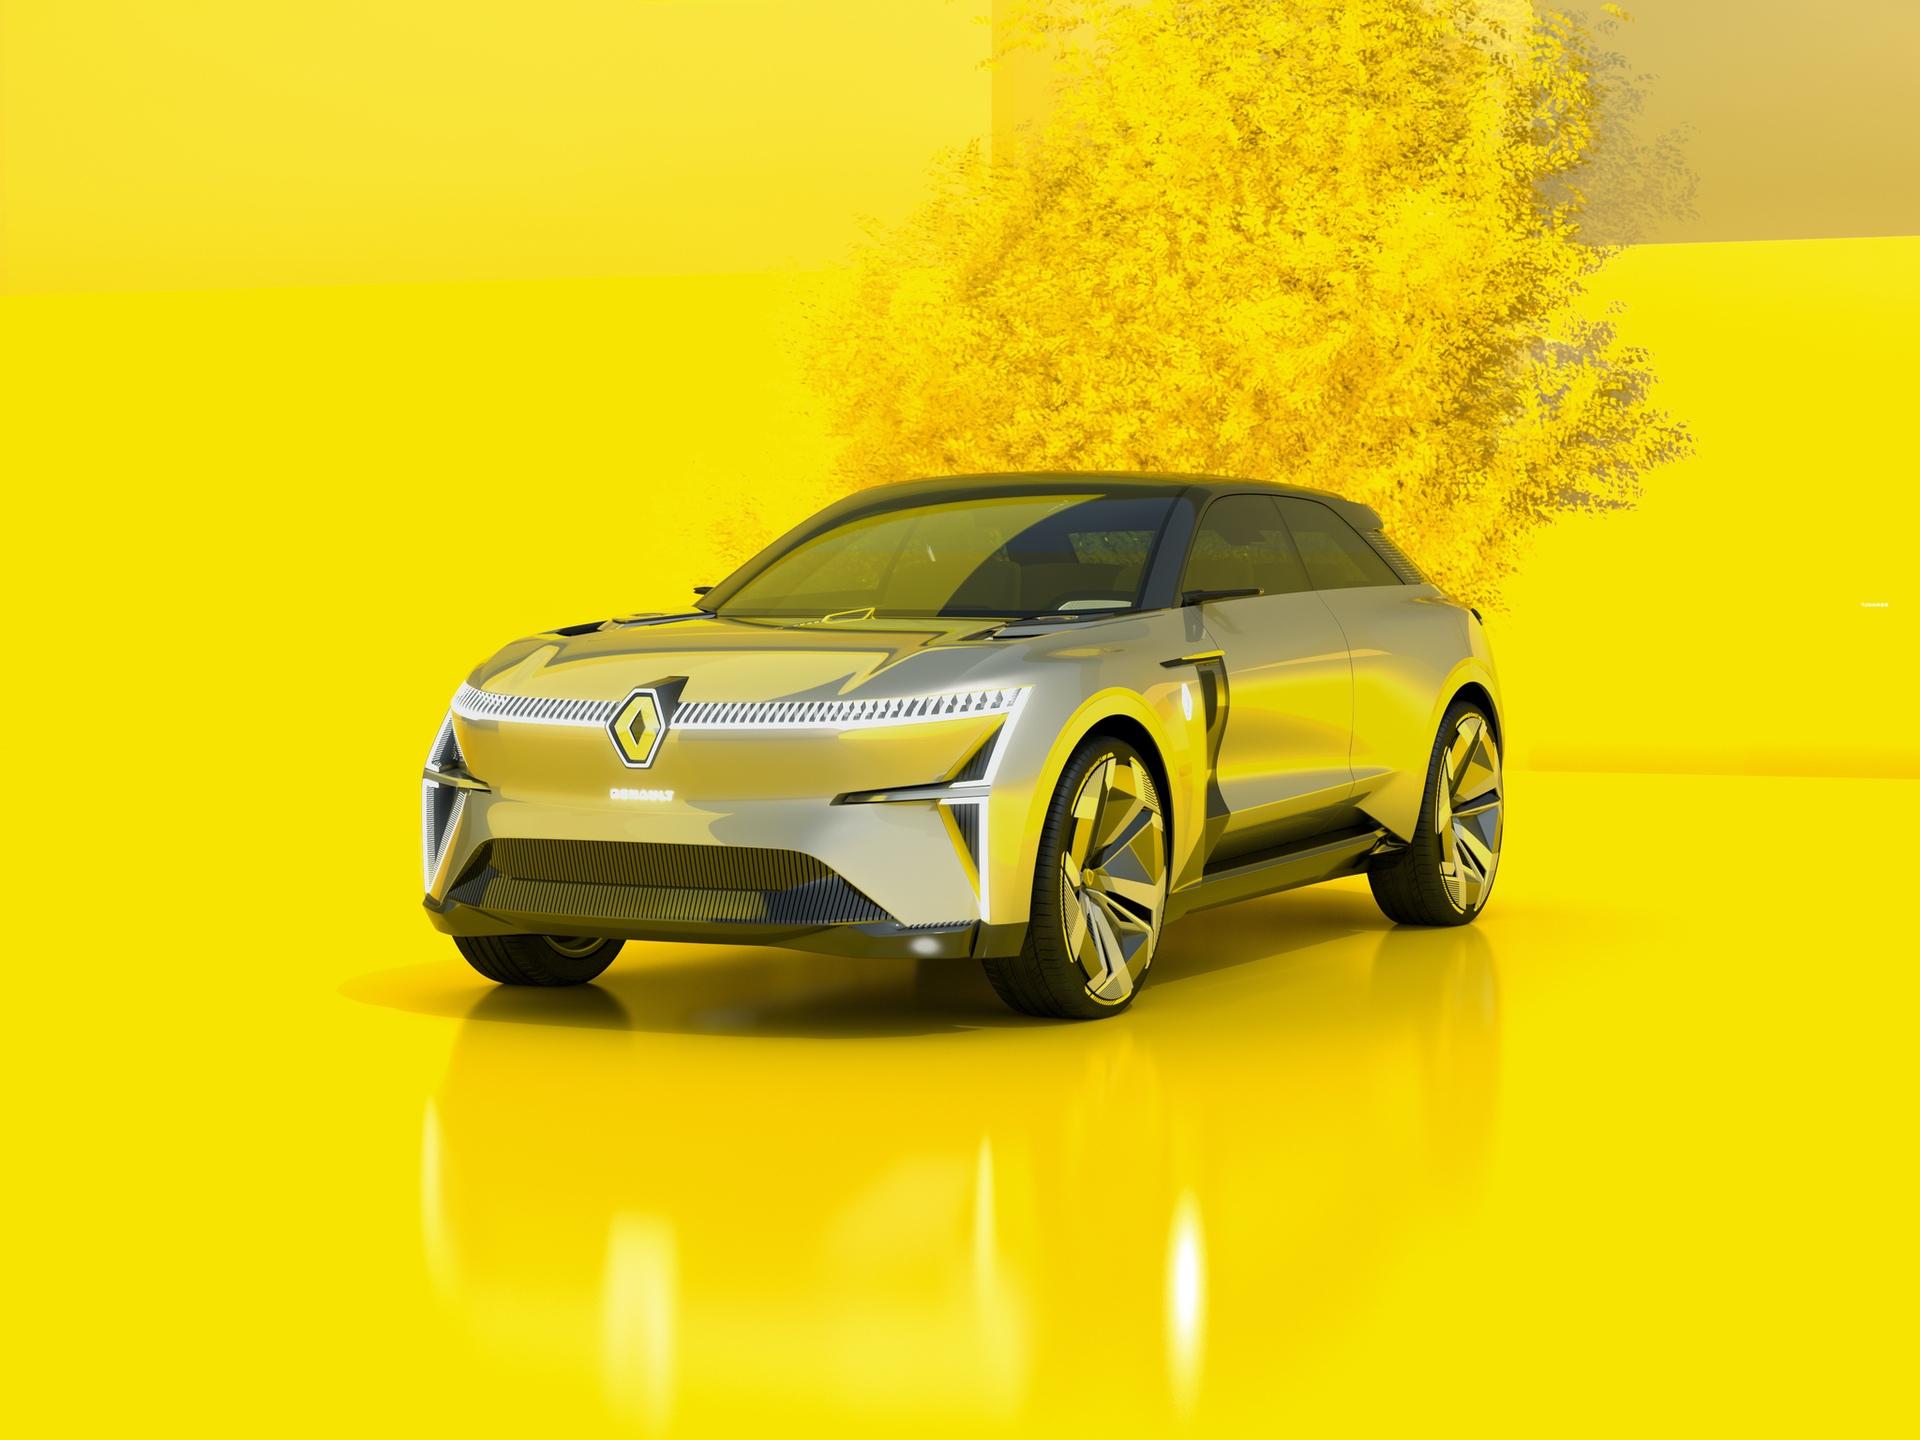 Renault_Morphoz_concept_0025